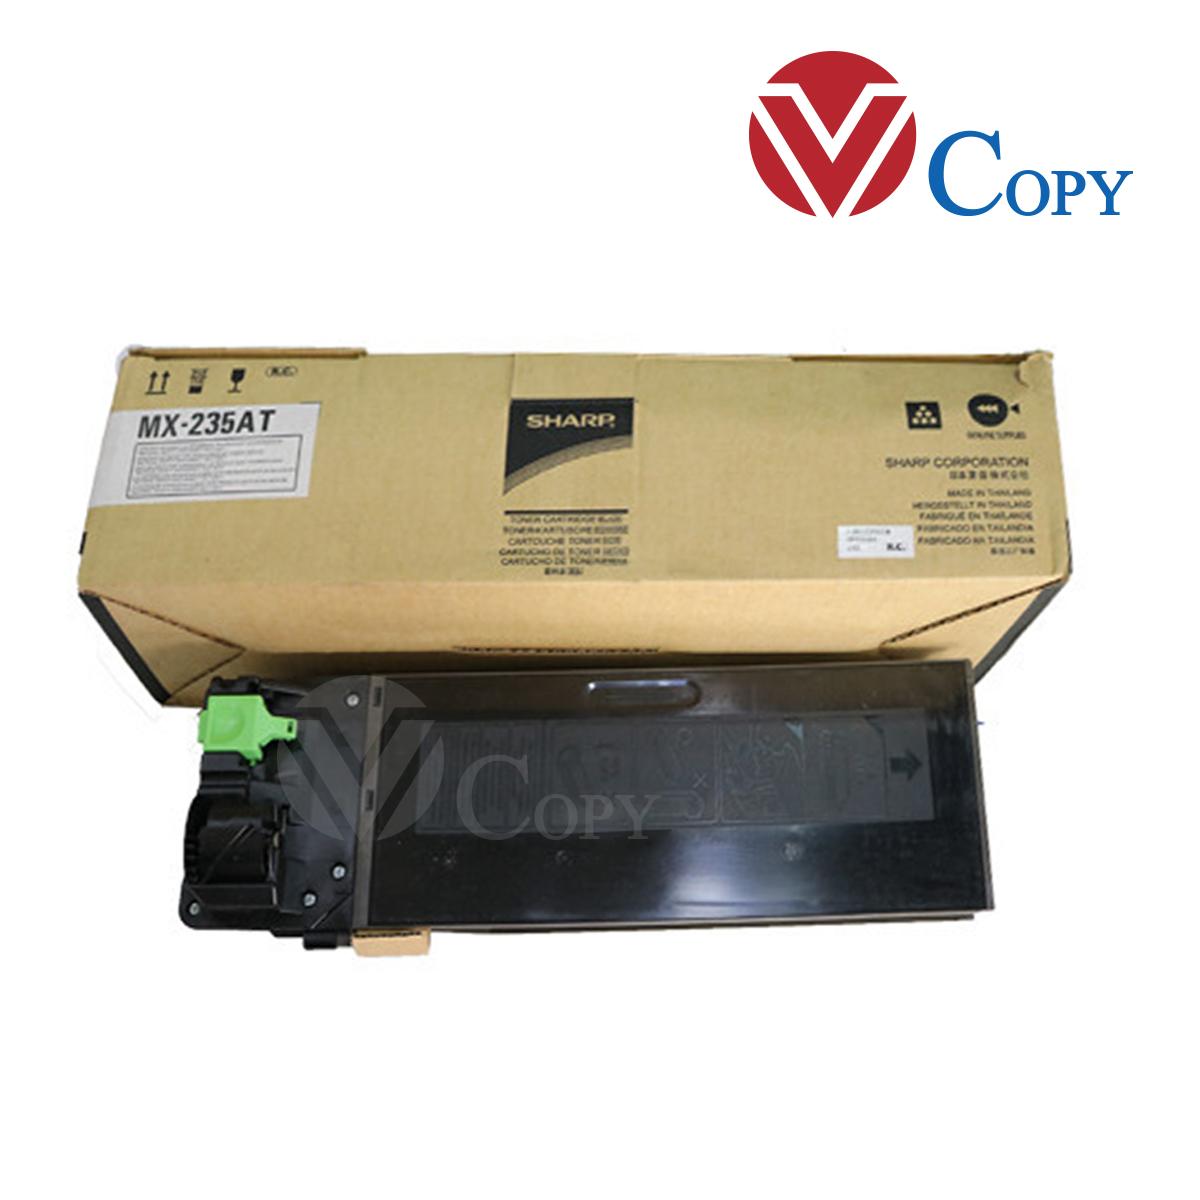 Mực Thương hiệu dùng cho máy Photocopy Sharp AR 5618/5620/5623 - Cụm Mực MX-235AT